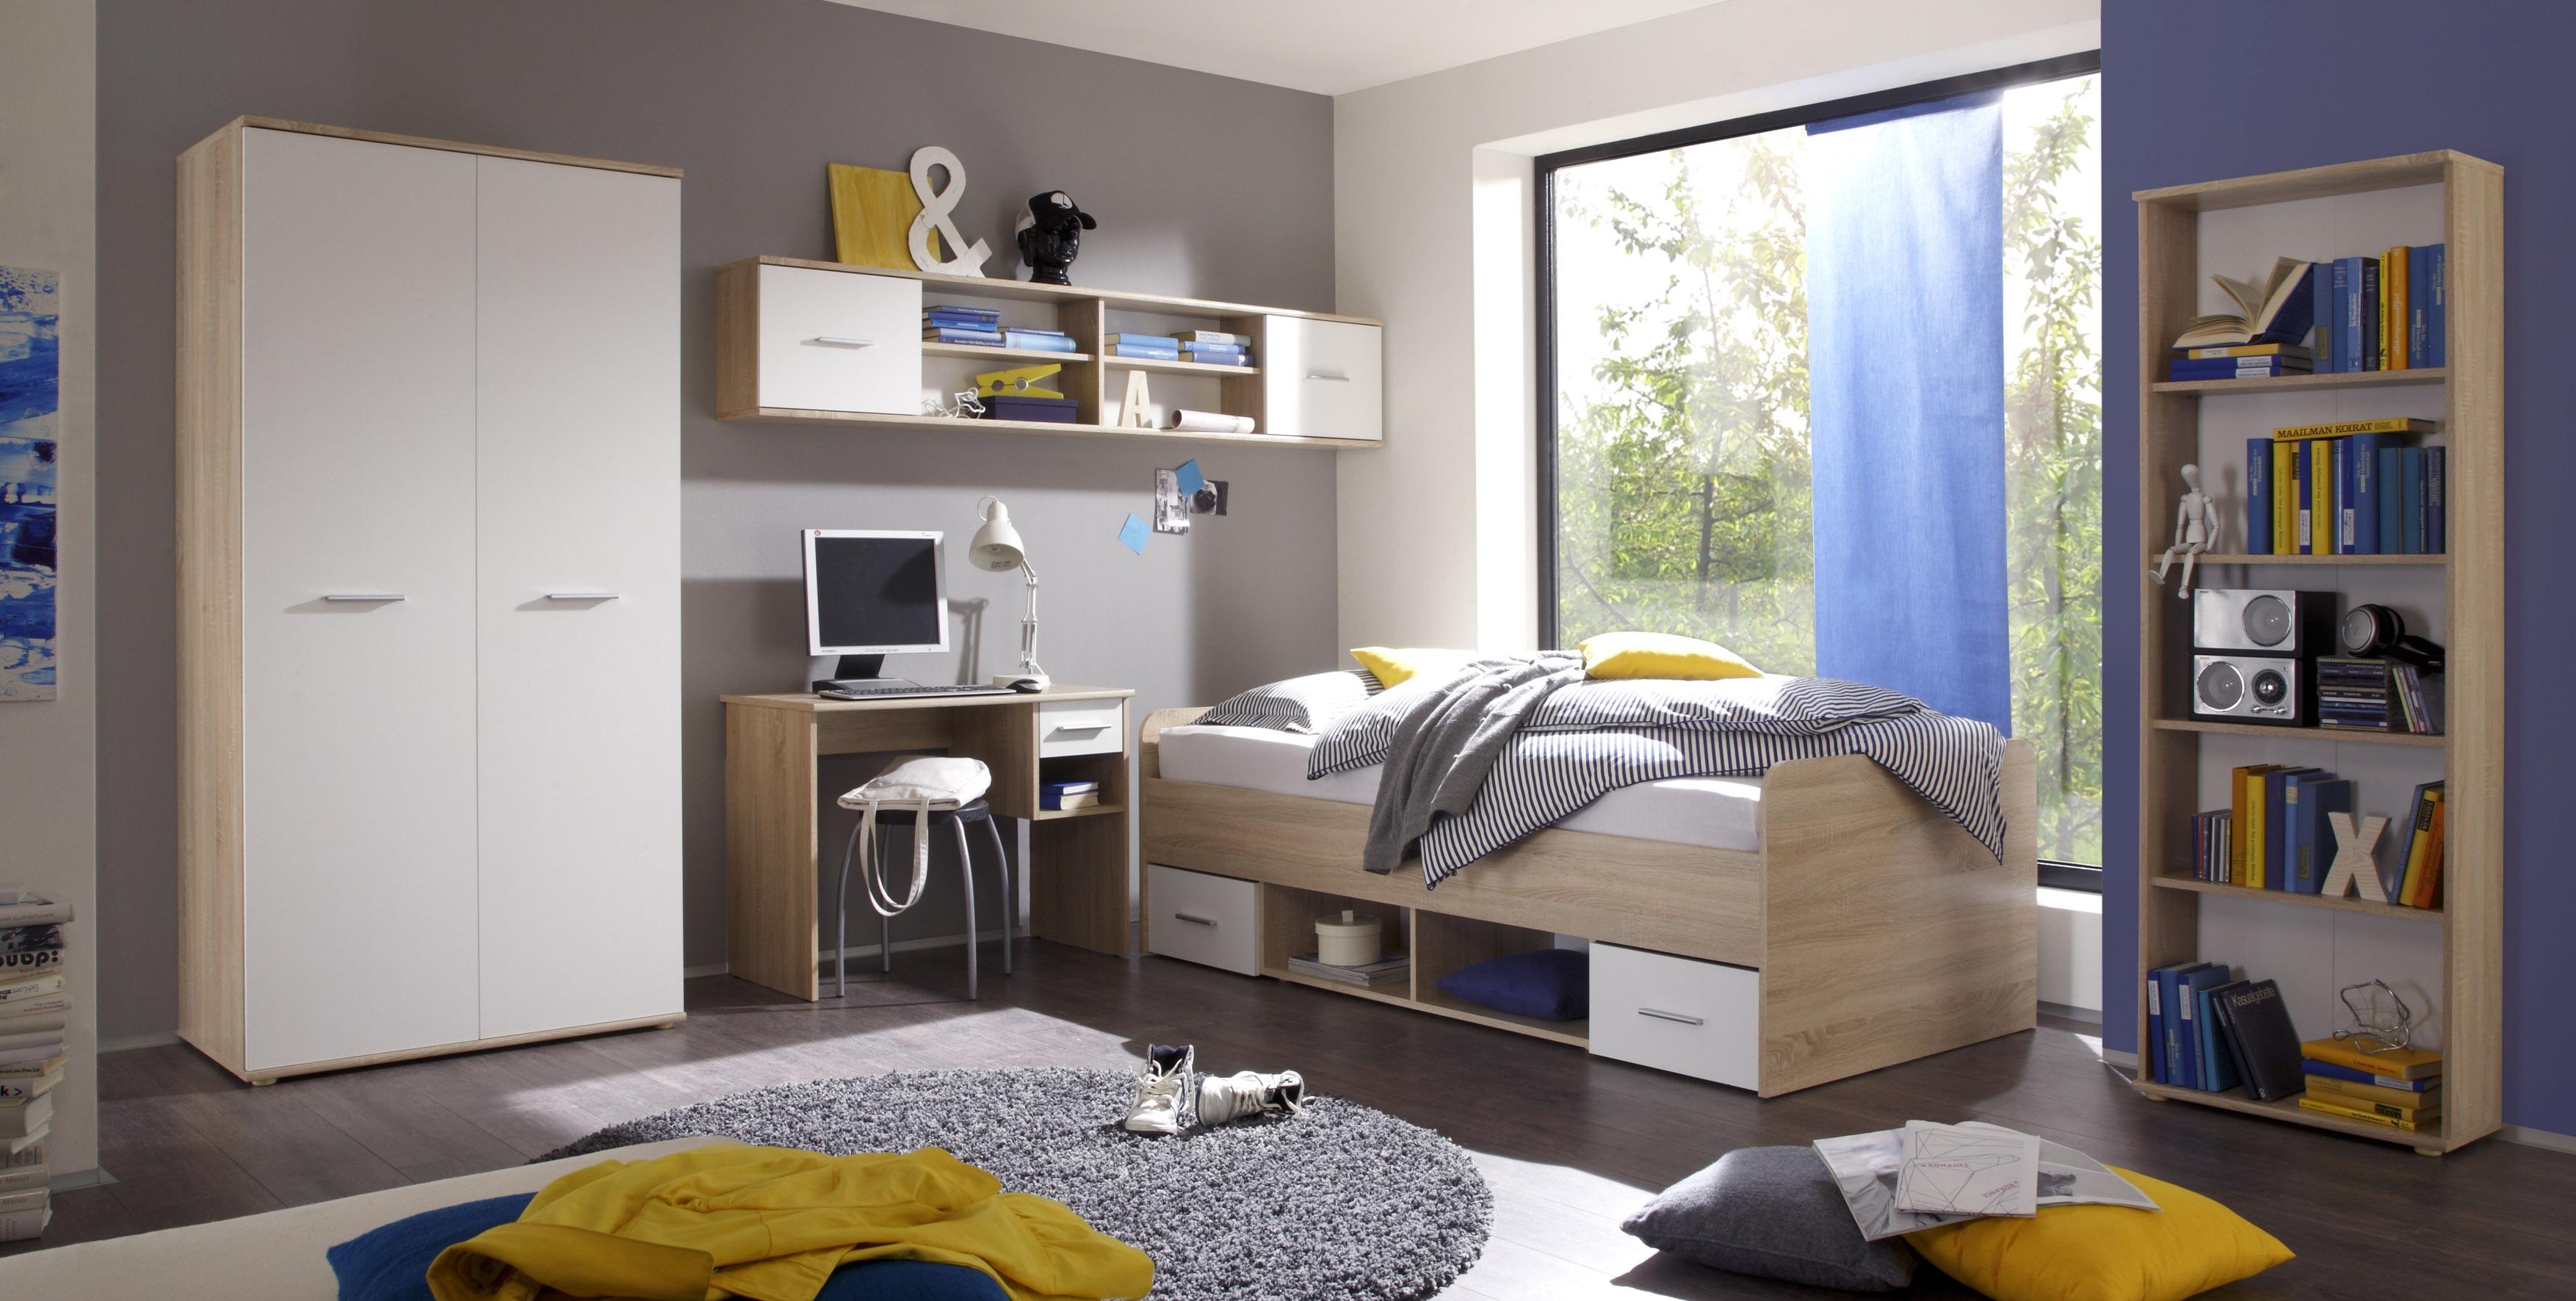 Details Zu Jugendzimmer Set Nanu Kinderzimmer 5tlg Komplett Set Eiche Weiss